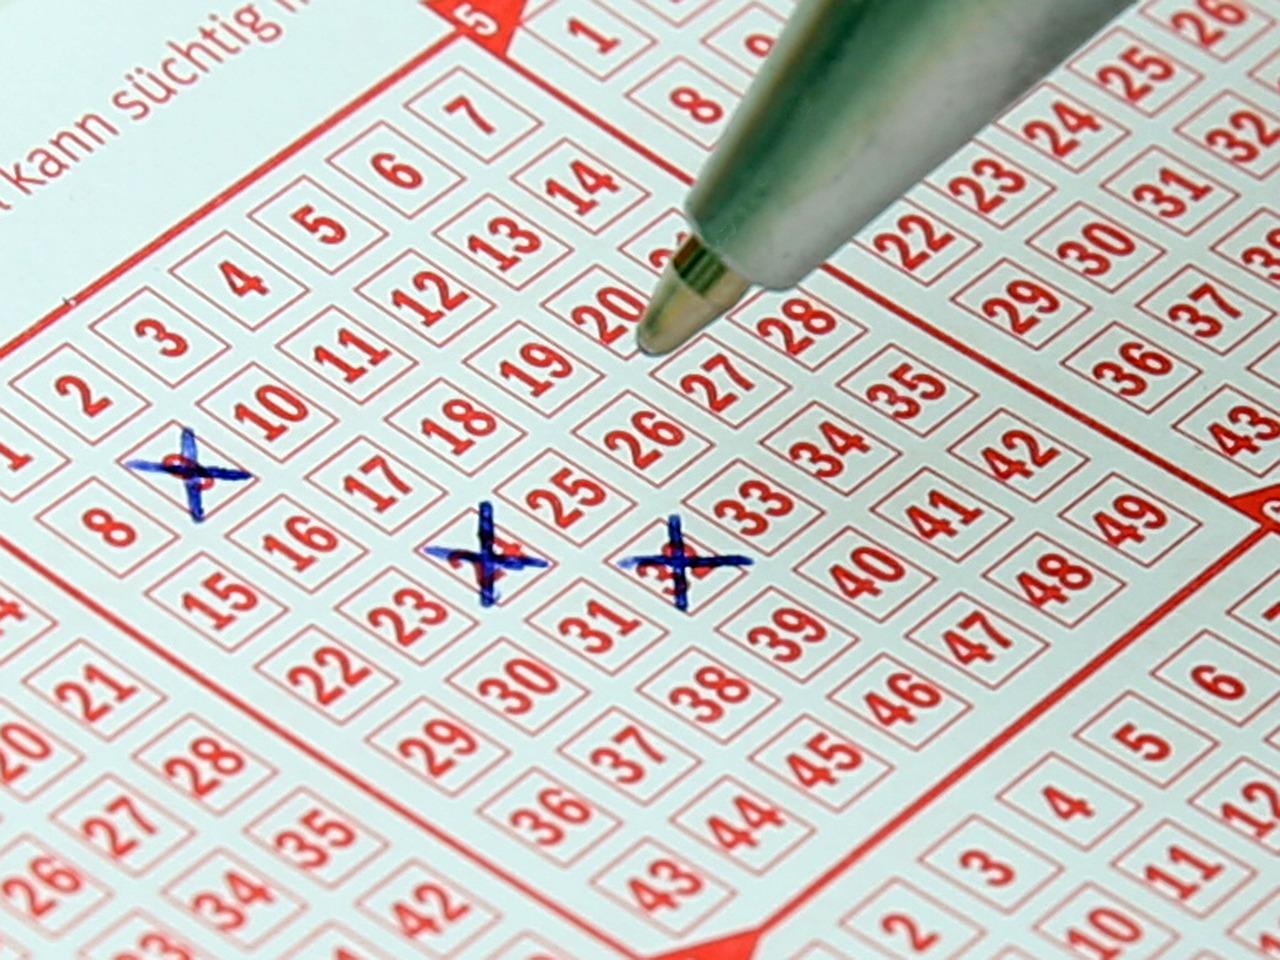 Kans maken op verschillende loterijen tegelijk